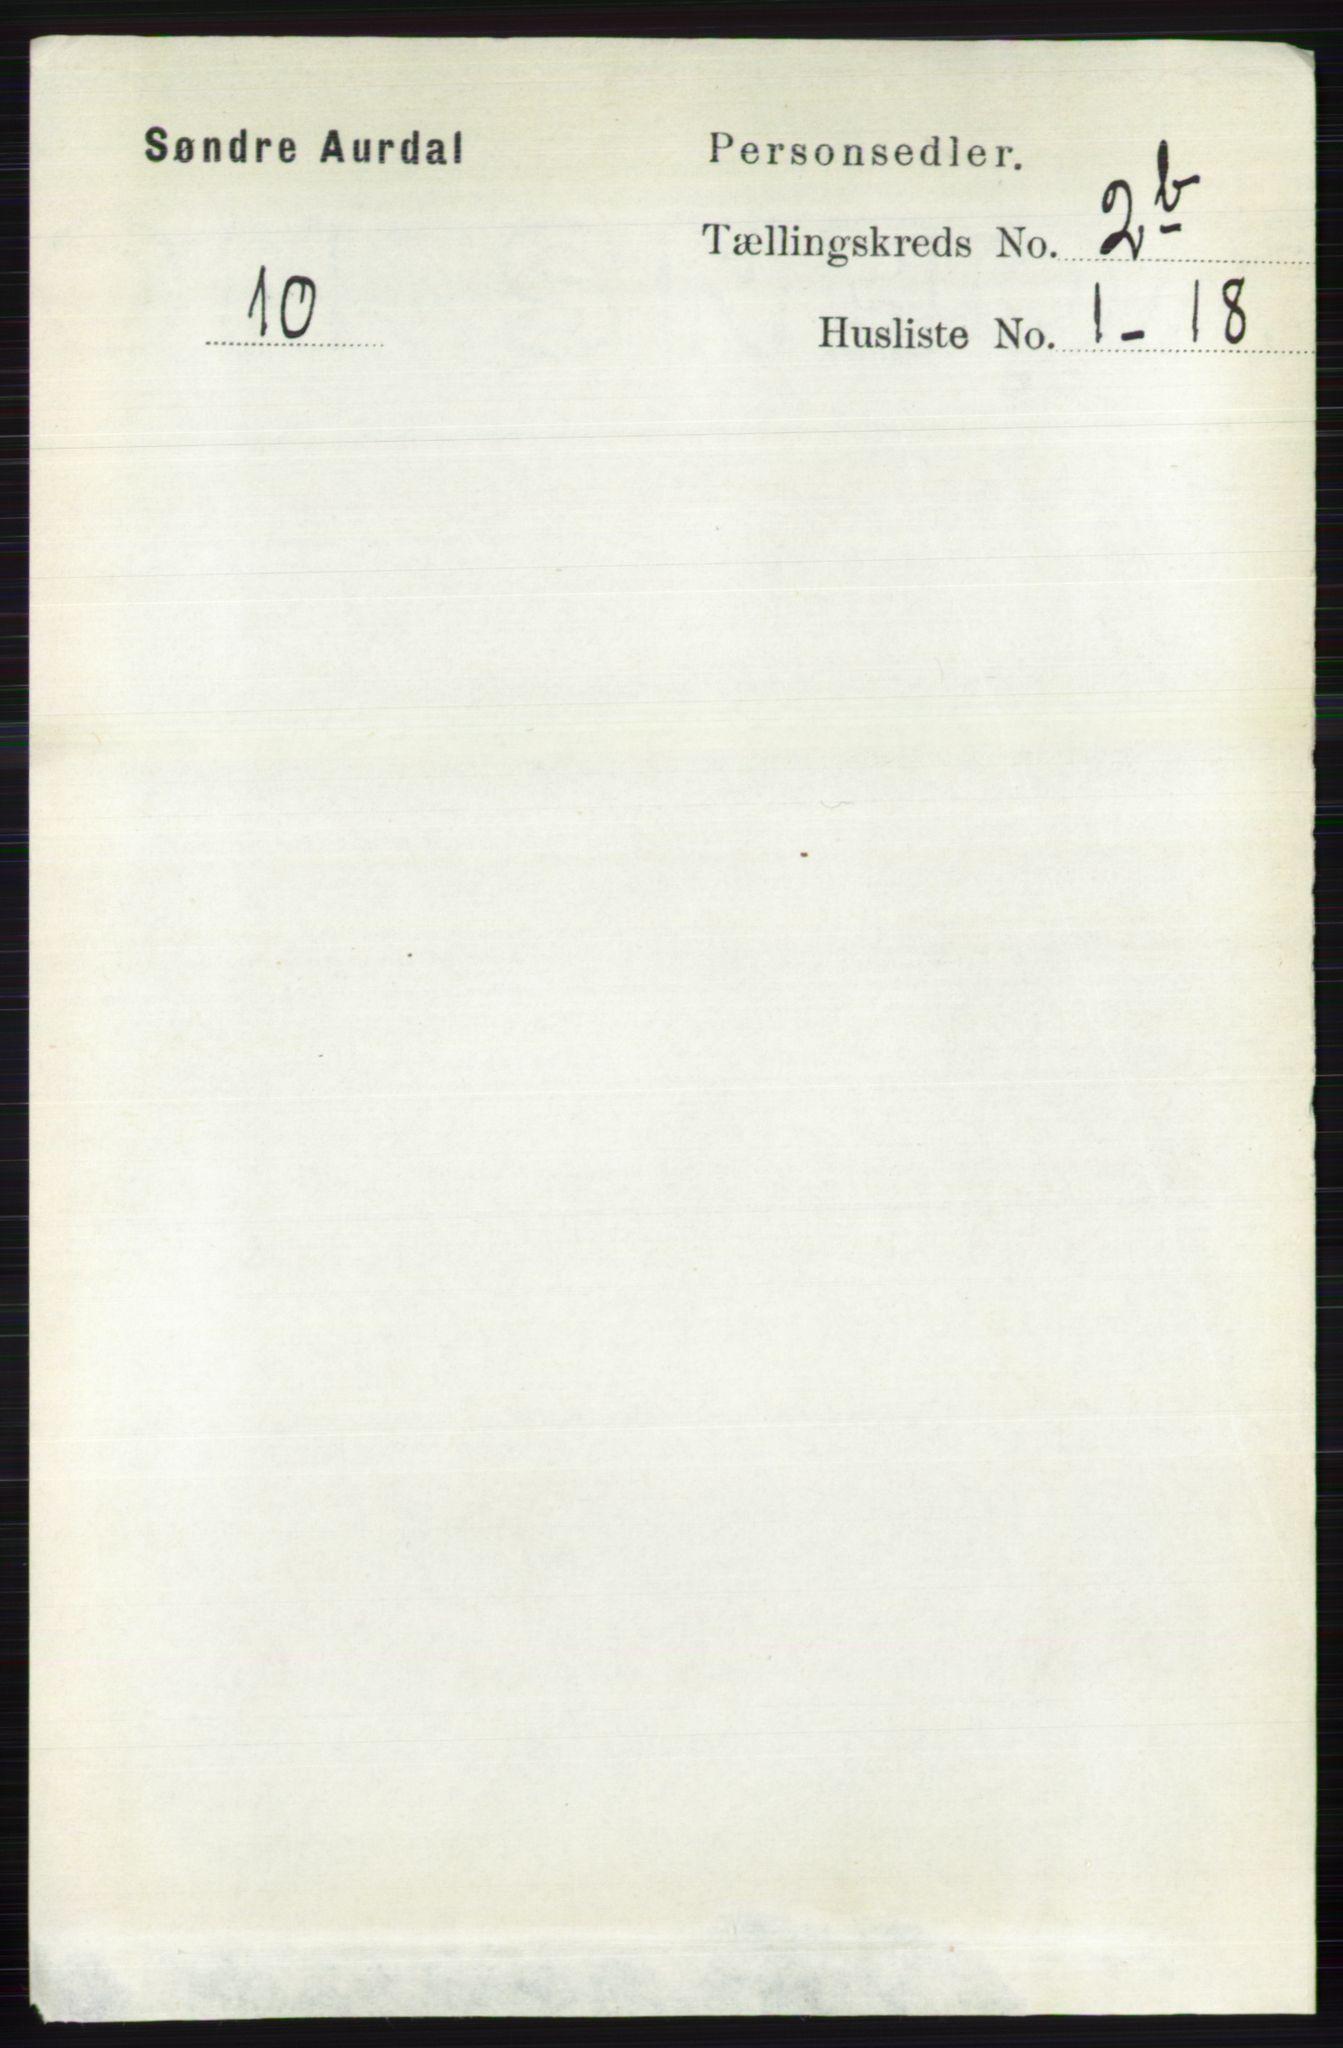 RA, Folketelling 1891 for 0540 Sør-Aurdal herred, 1891, s. 1455